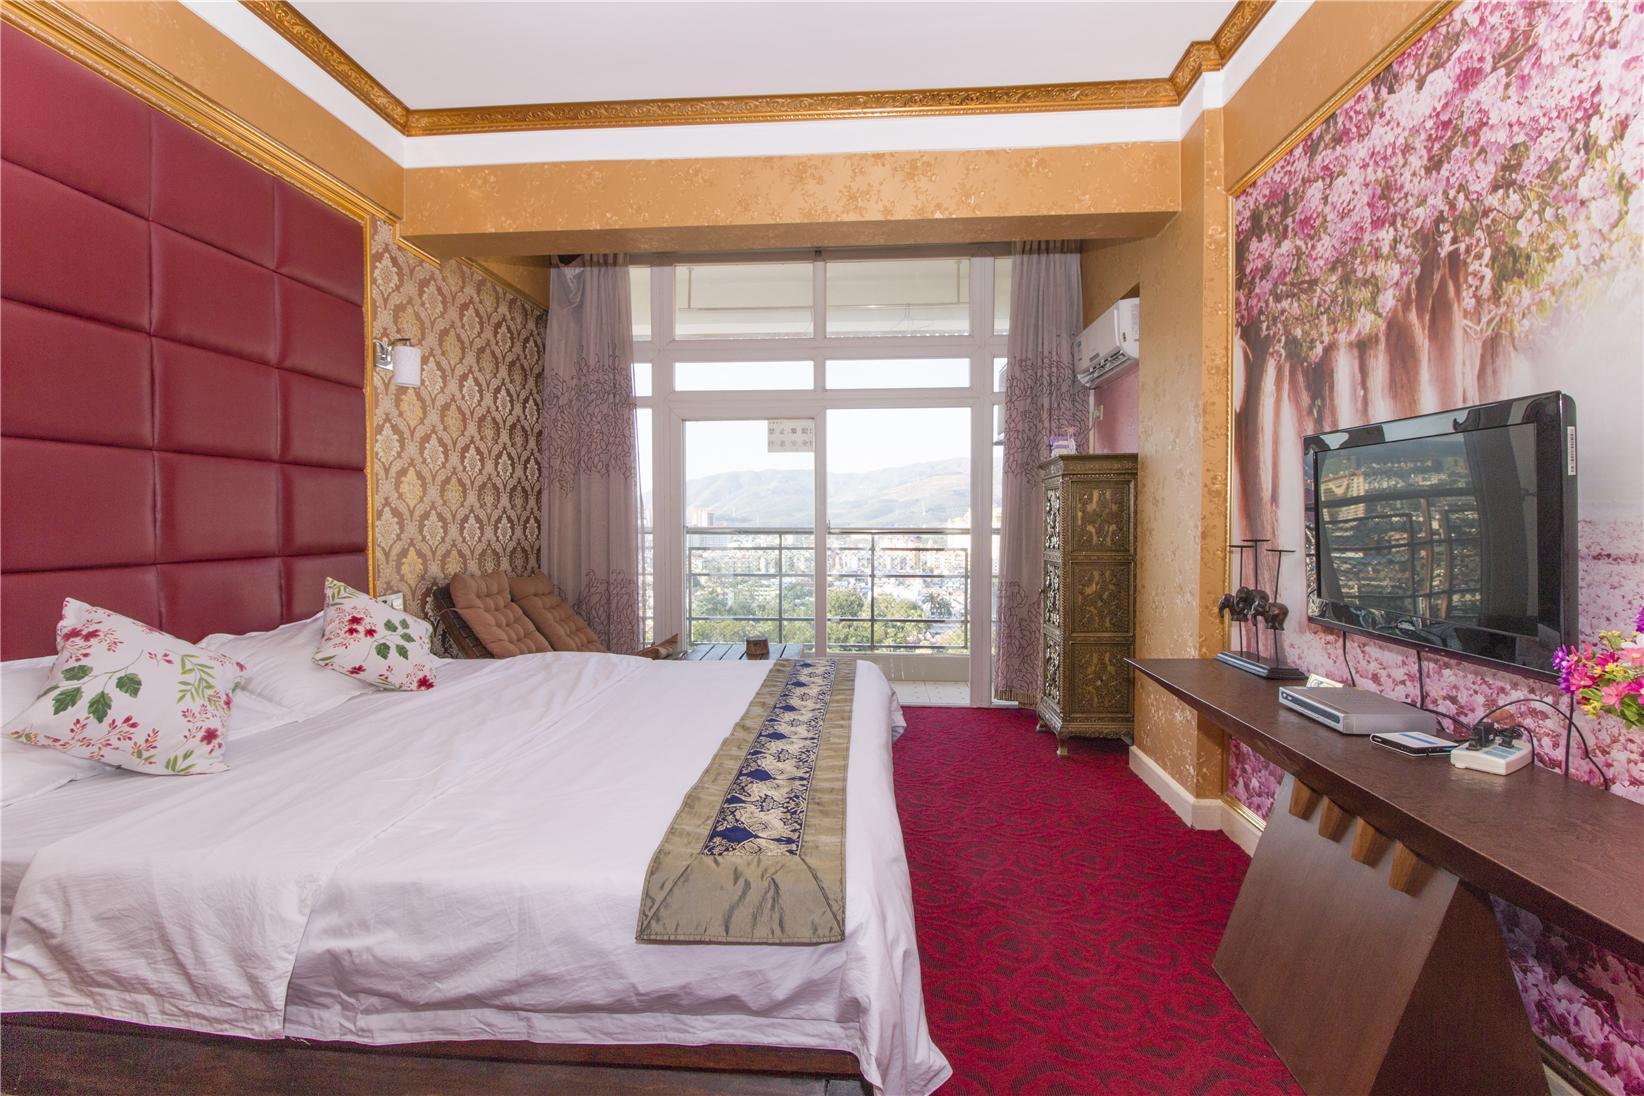 Xishuangbanna Elephanthome Hotel